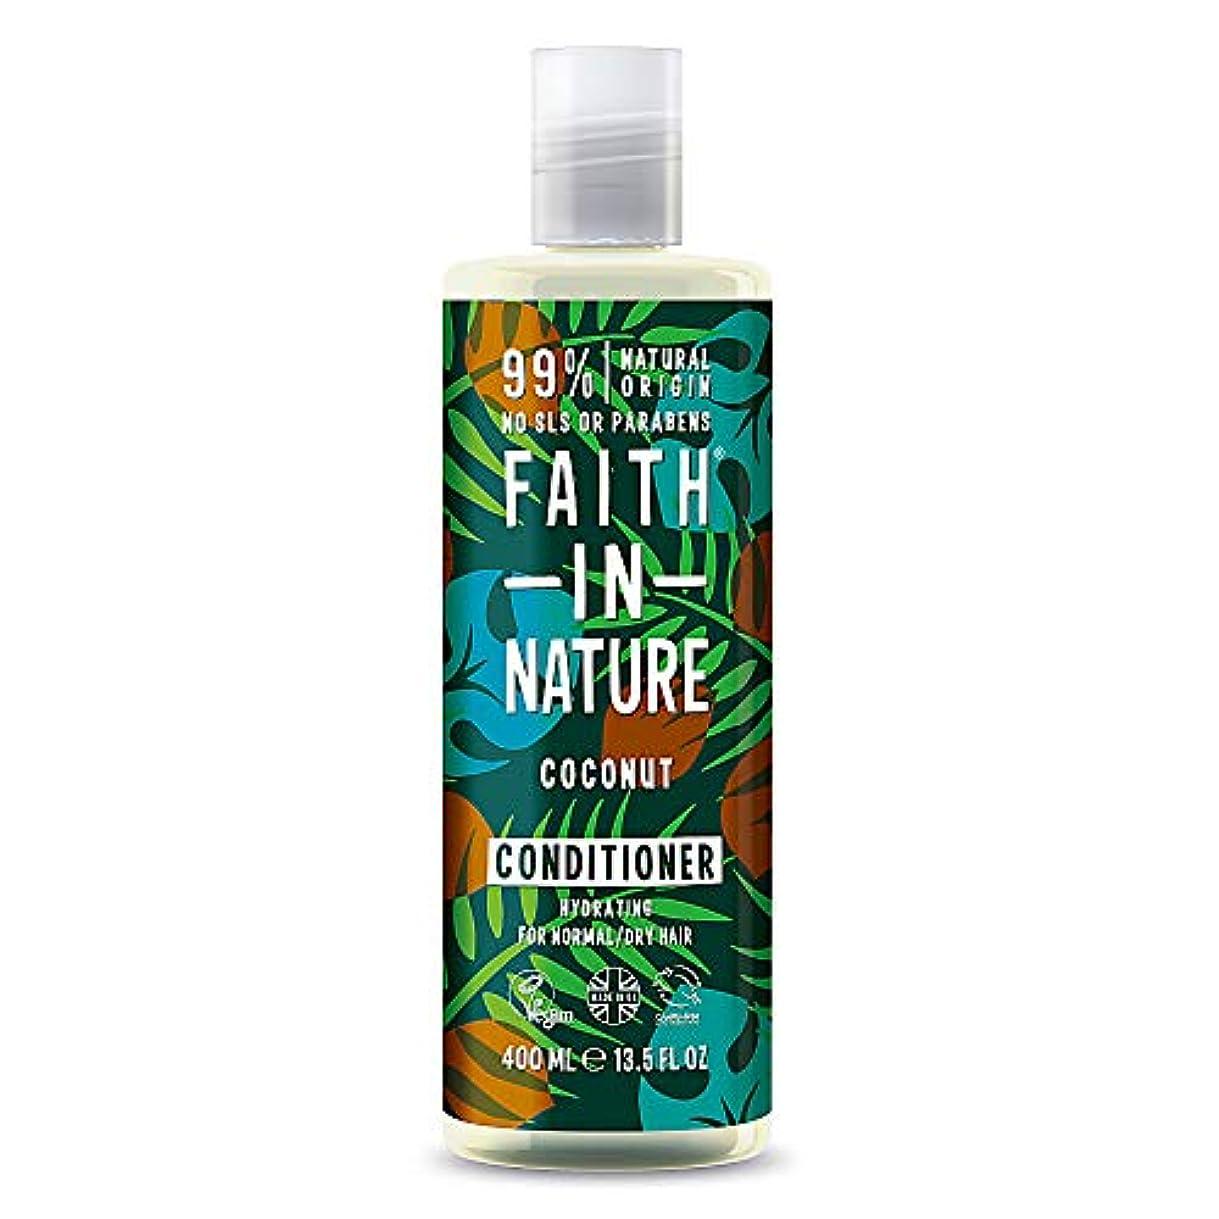 Faith in Nature - Coconut Conditioner - 400ml